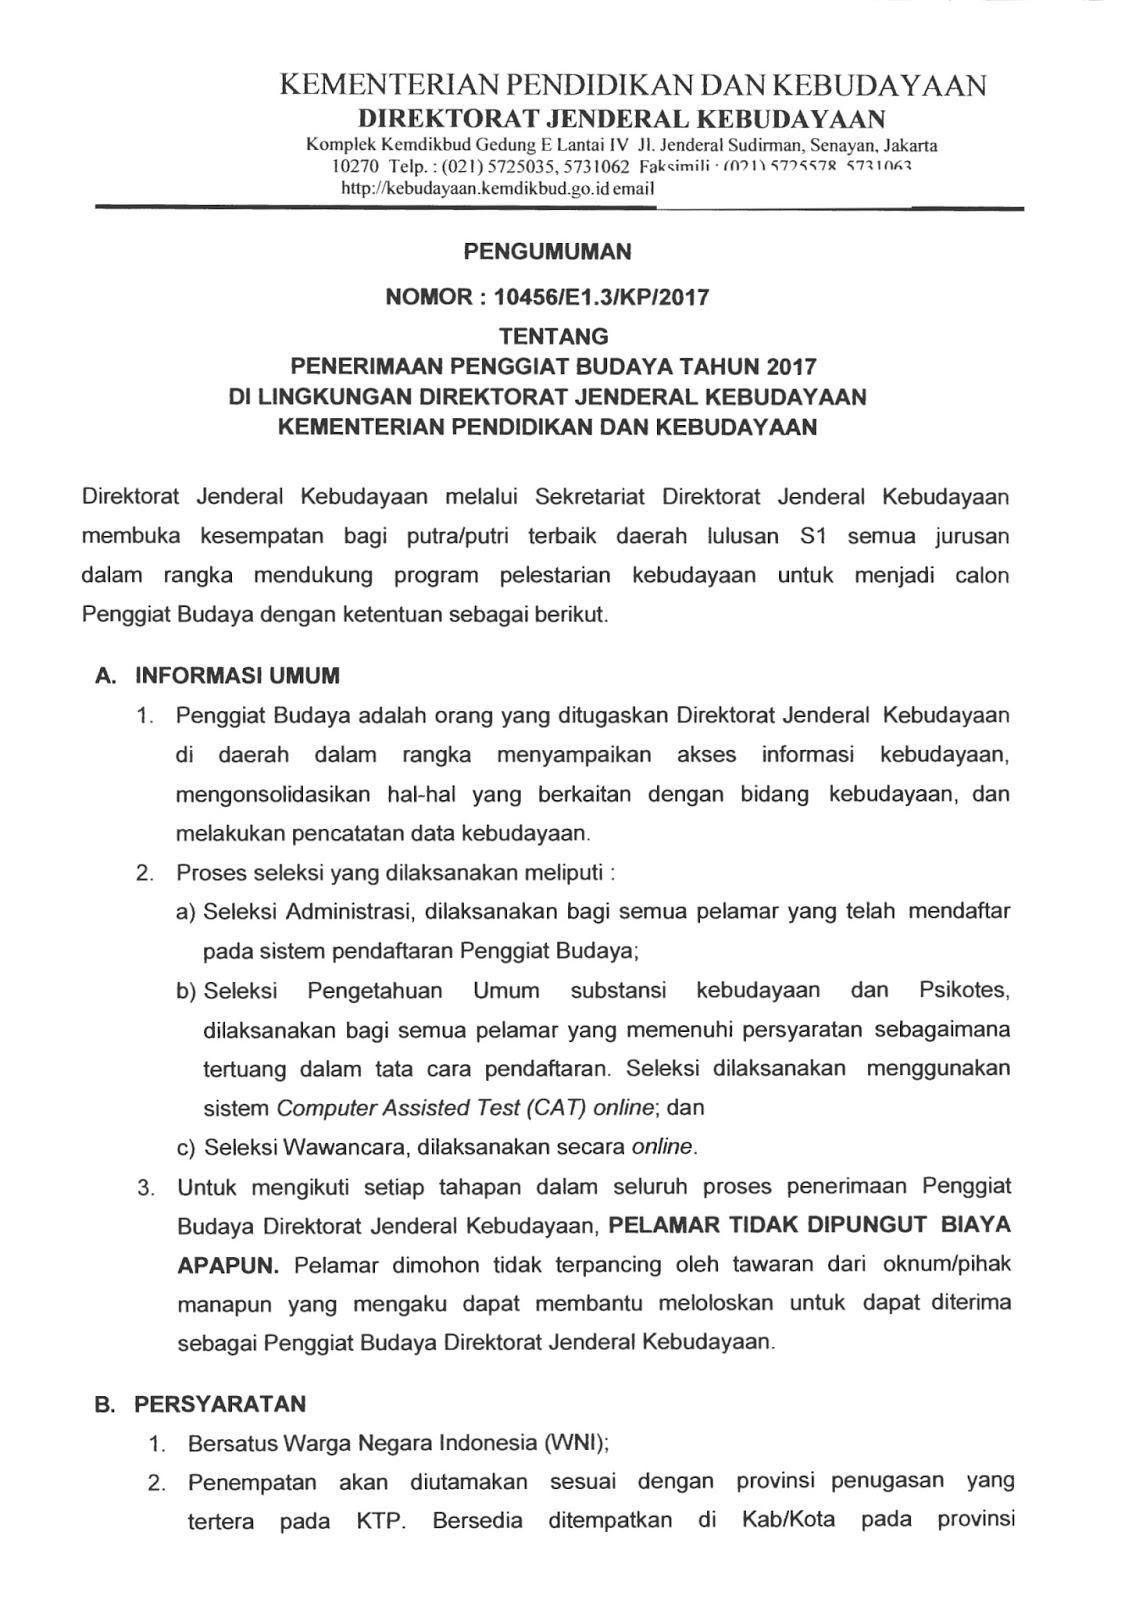 Lowongan Kerja   Non CPNS Terbaru Direktorat Jenderal Kebudayaan Kemendikbud  Oktober 2018